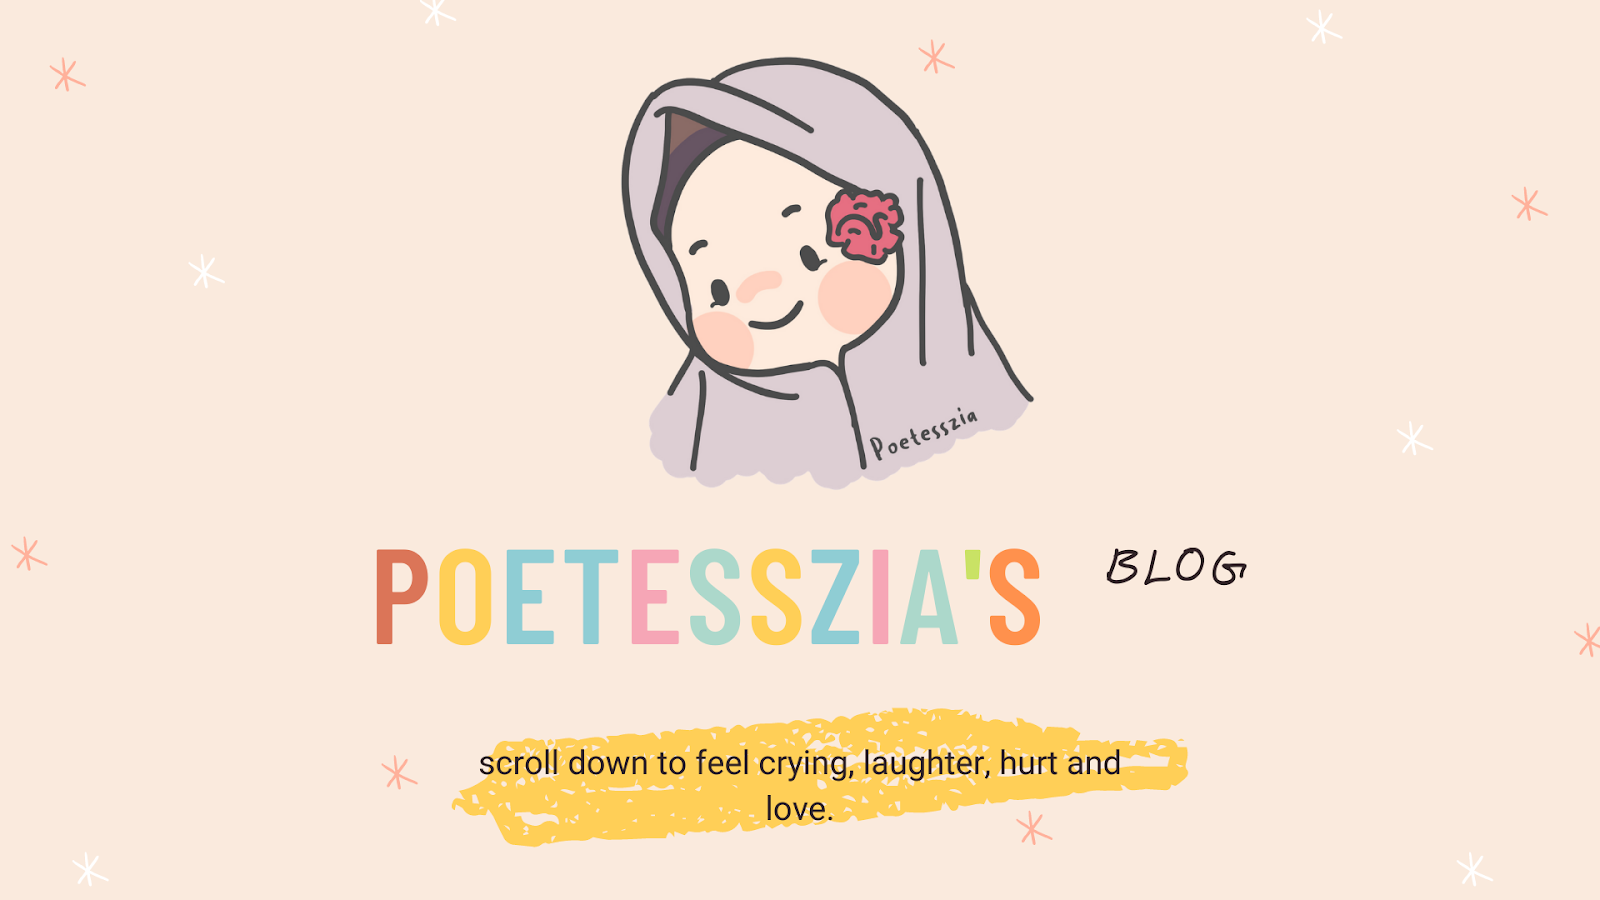 POETESSZIA